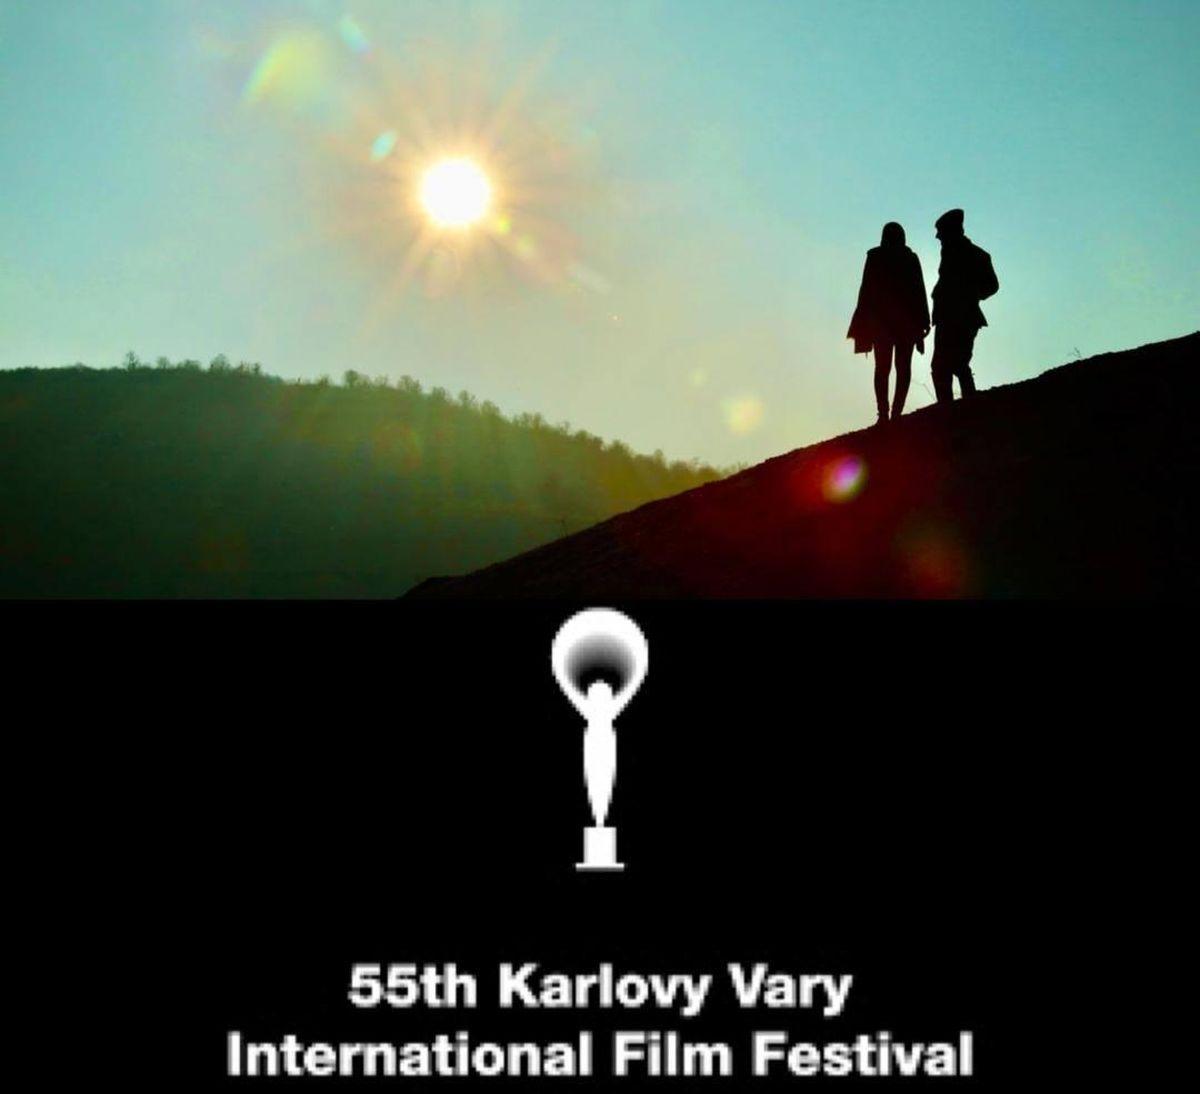 «سرنوشت» راهی جشنواره کارلووی واری شد